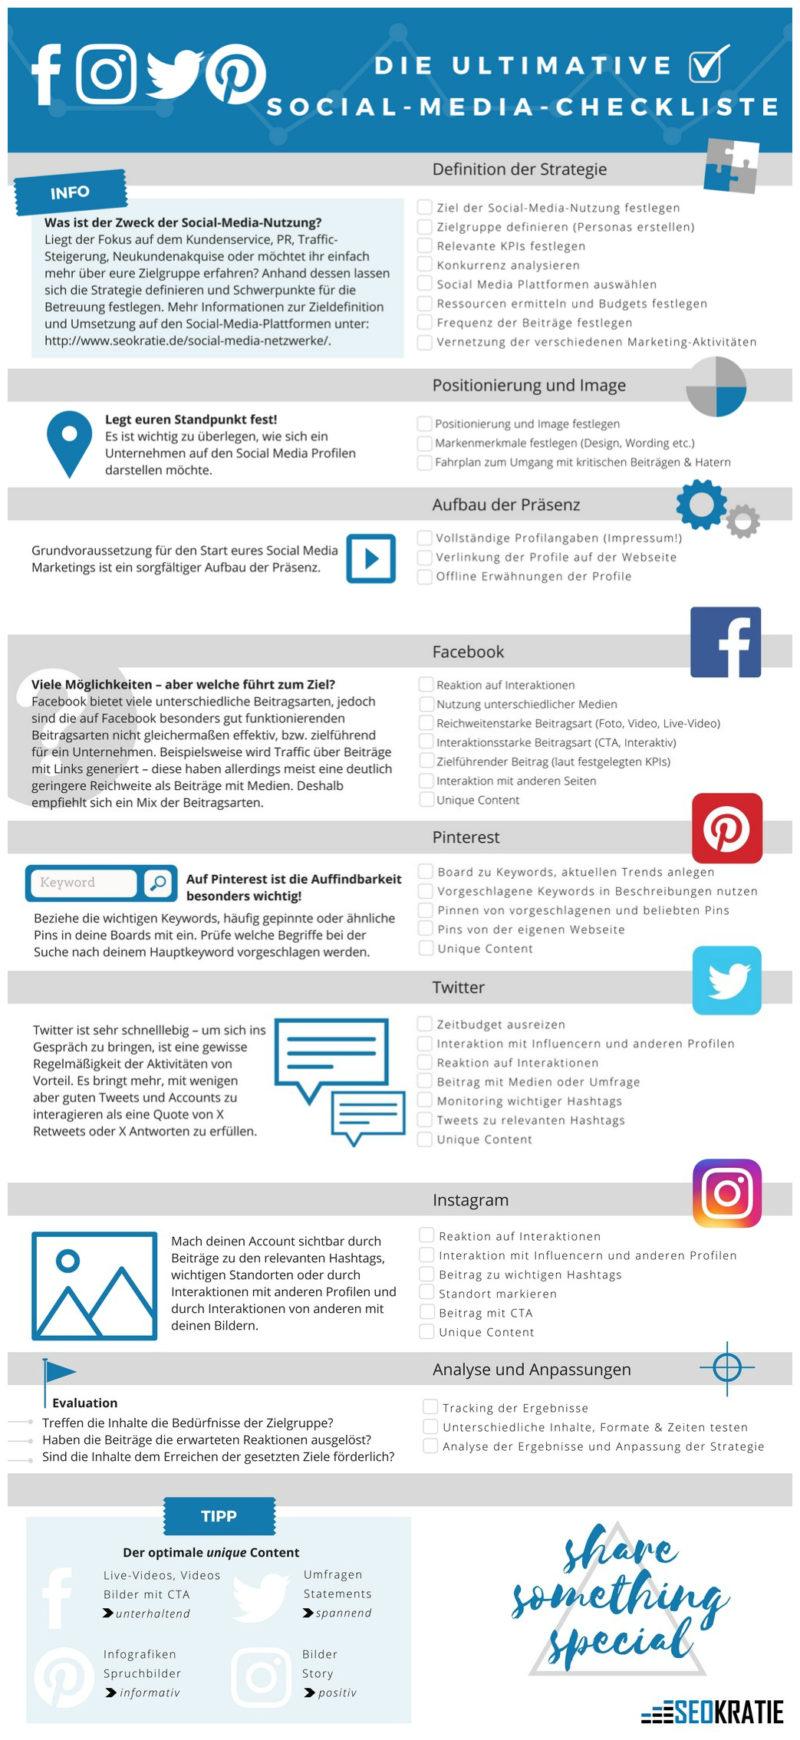 Umfassende Social Media Checkliste zur Strategie, Aufbau, Analyse und Inhalte für Facebook, Instagram, Twitter und Pinterest